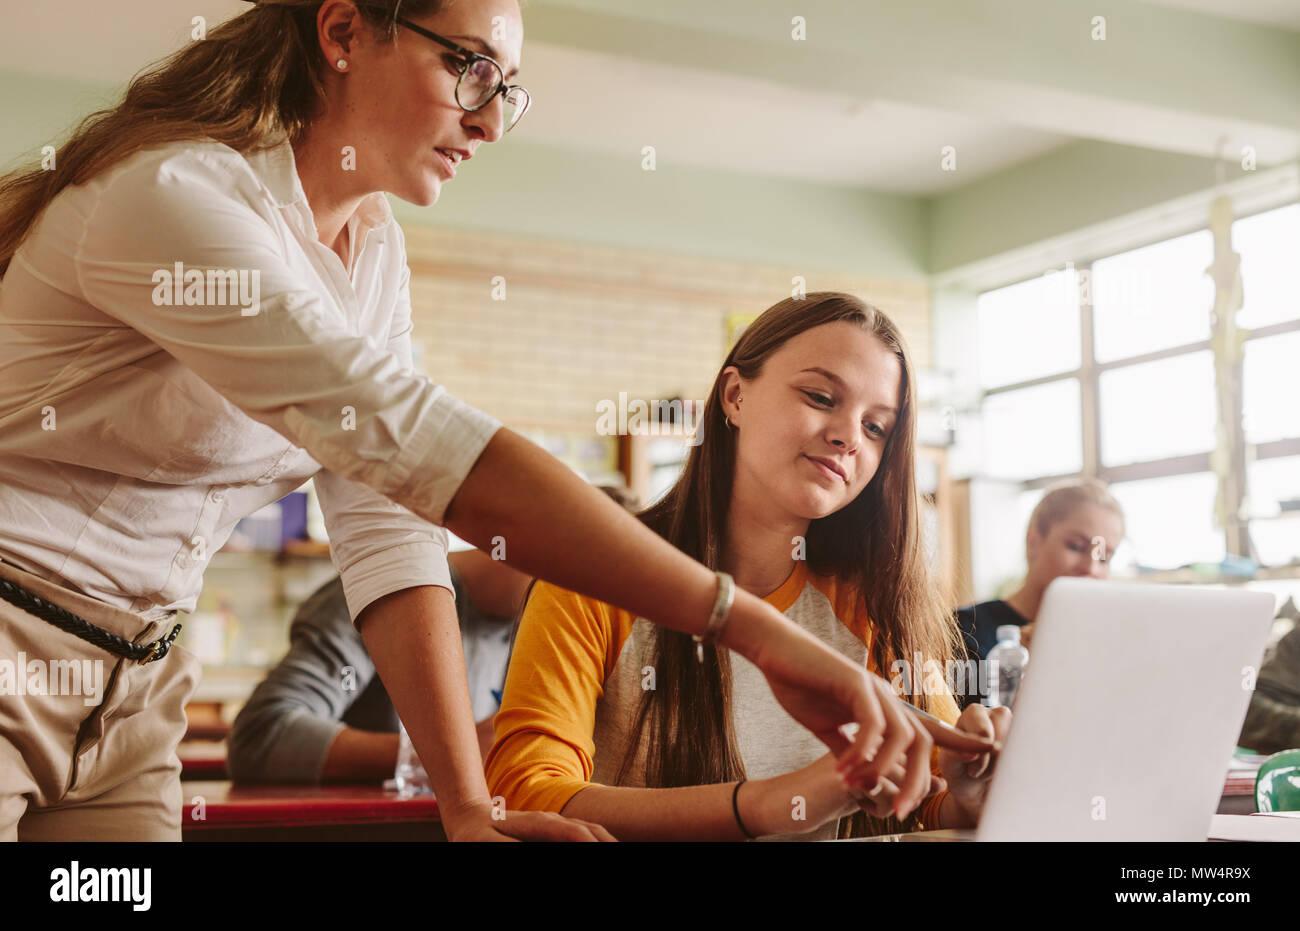 Docente aiutare studenti in aula. Docente rivolto verso lo schermo del notebook e mostrando qualcosa da studentessa. Immagini Stock